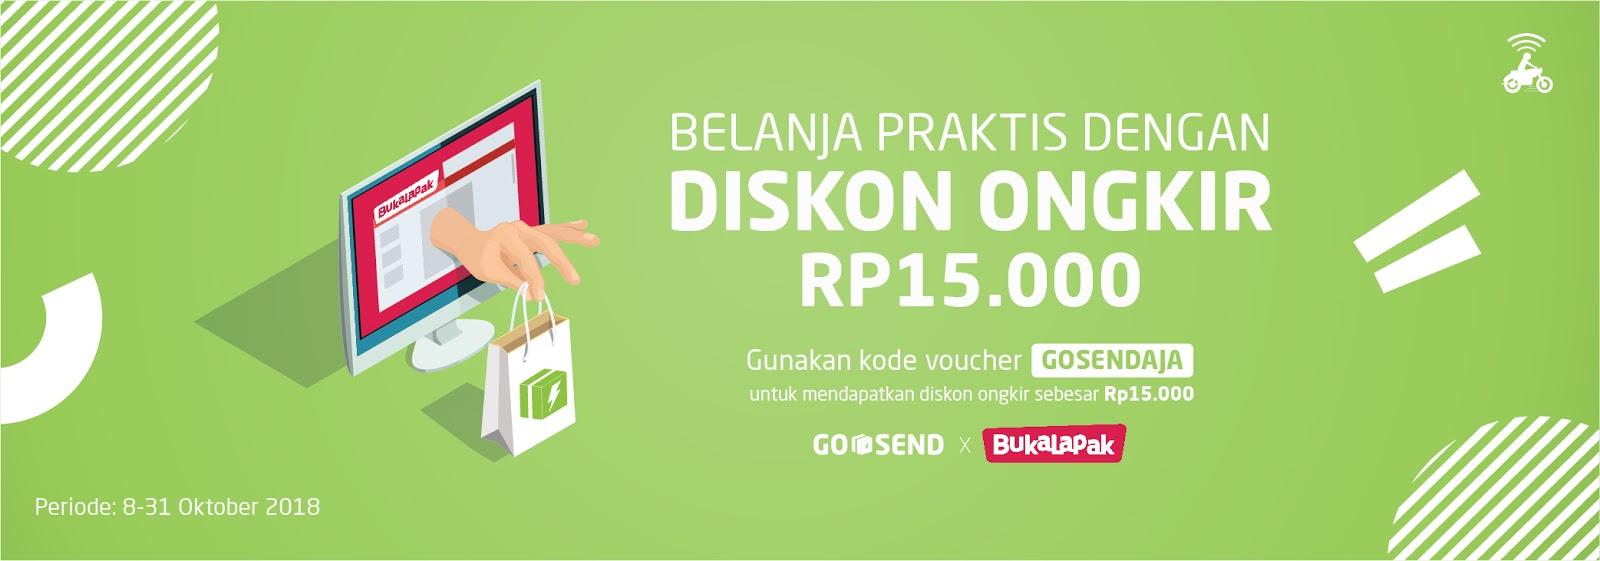 GOJEK - Promo Gratis Ongkir s.d 15 Ribu Sampai Dihari Yang Sama (s.d 31 Okt 2018)